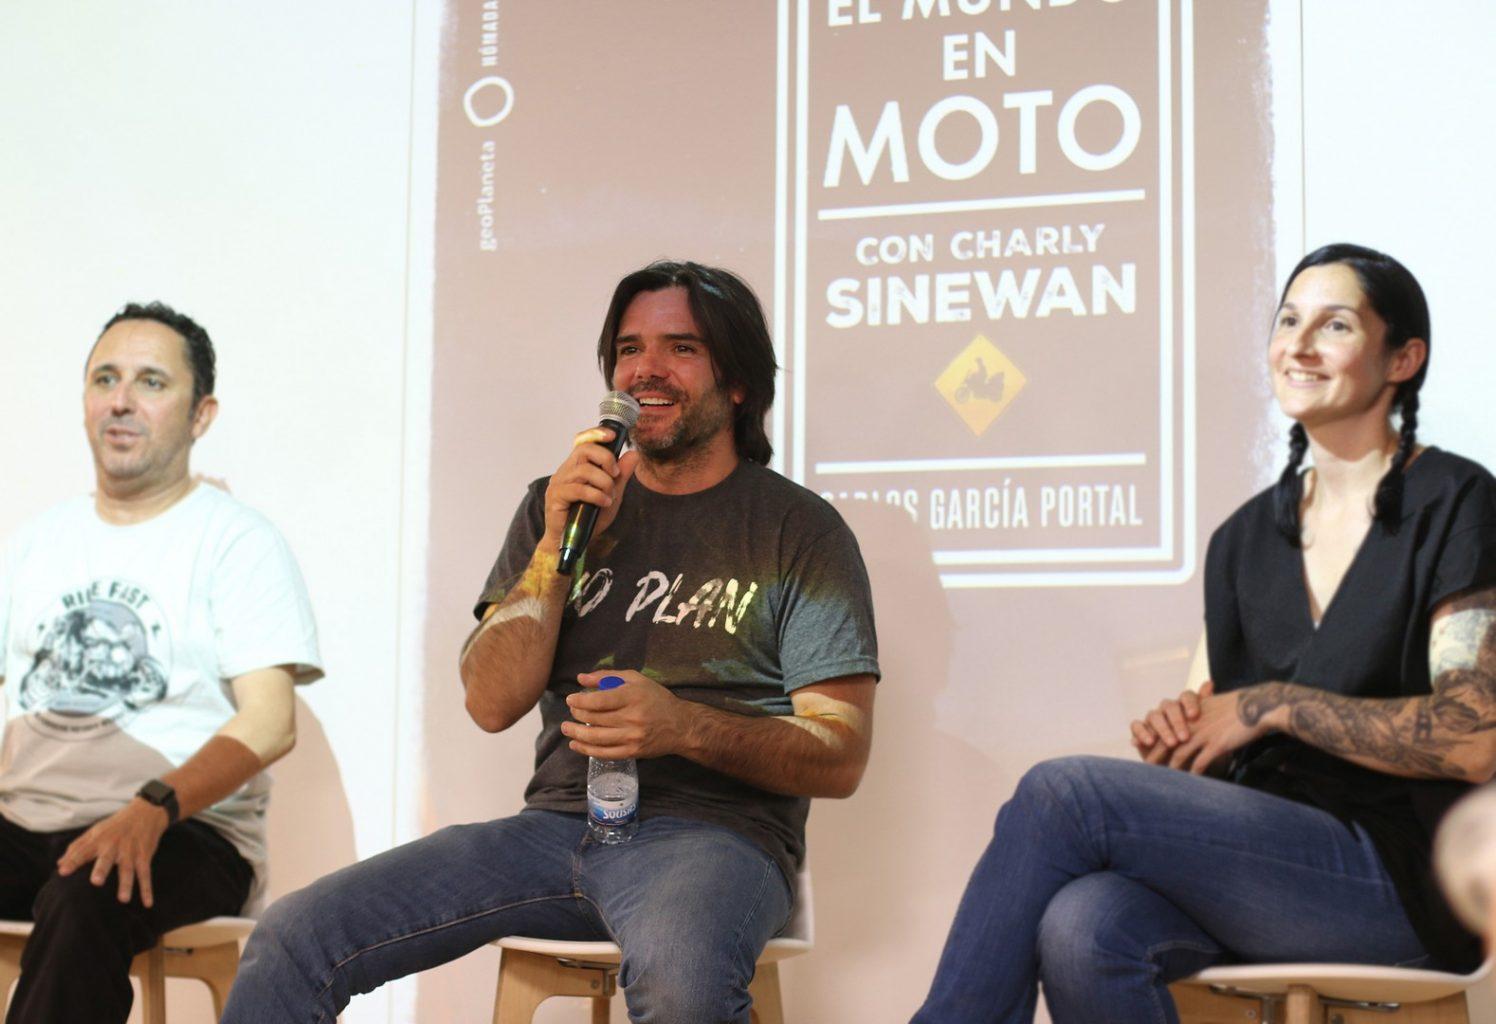 """""""El mundo en moto con Charly Sinewan"""", presentación del libro en Madrid."""